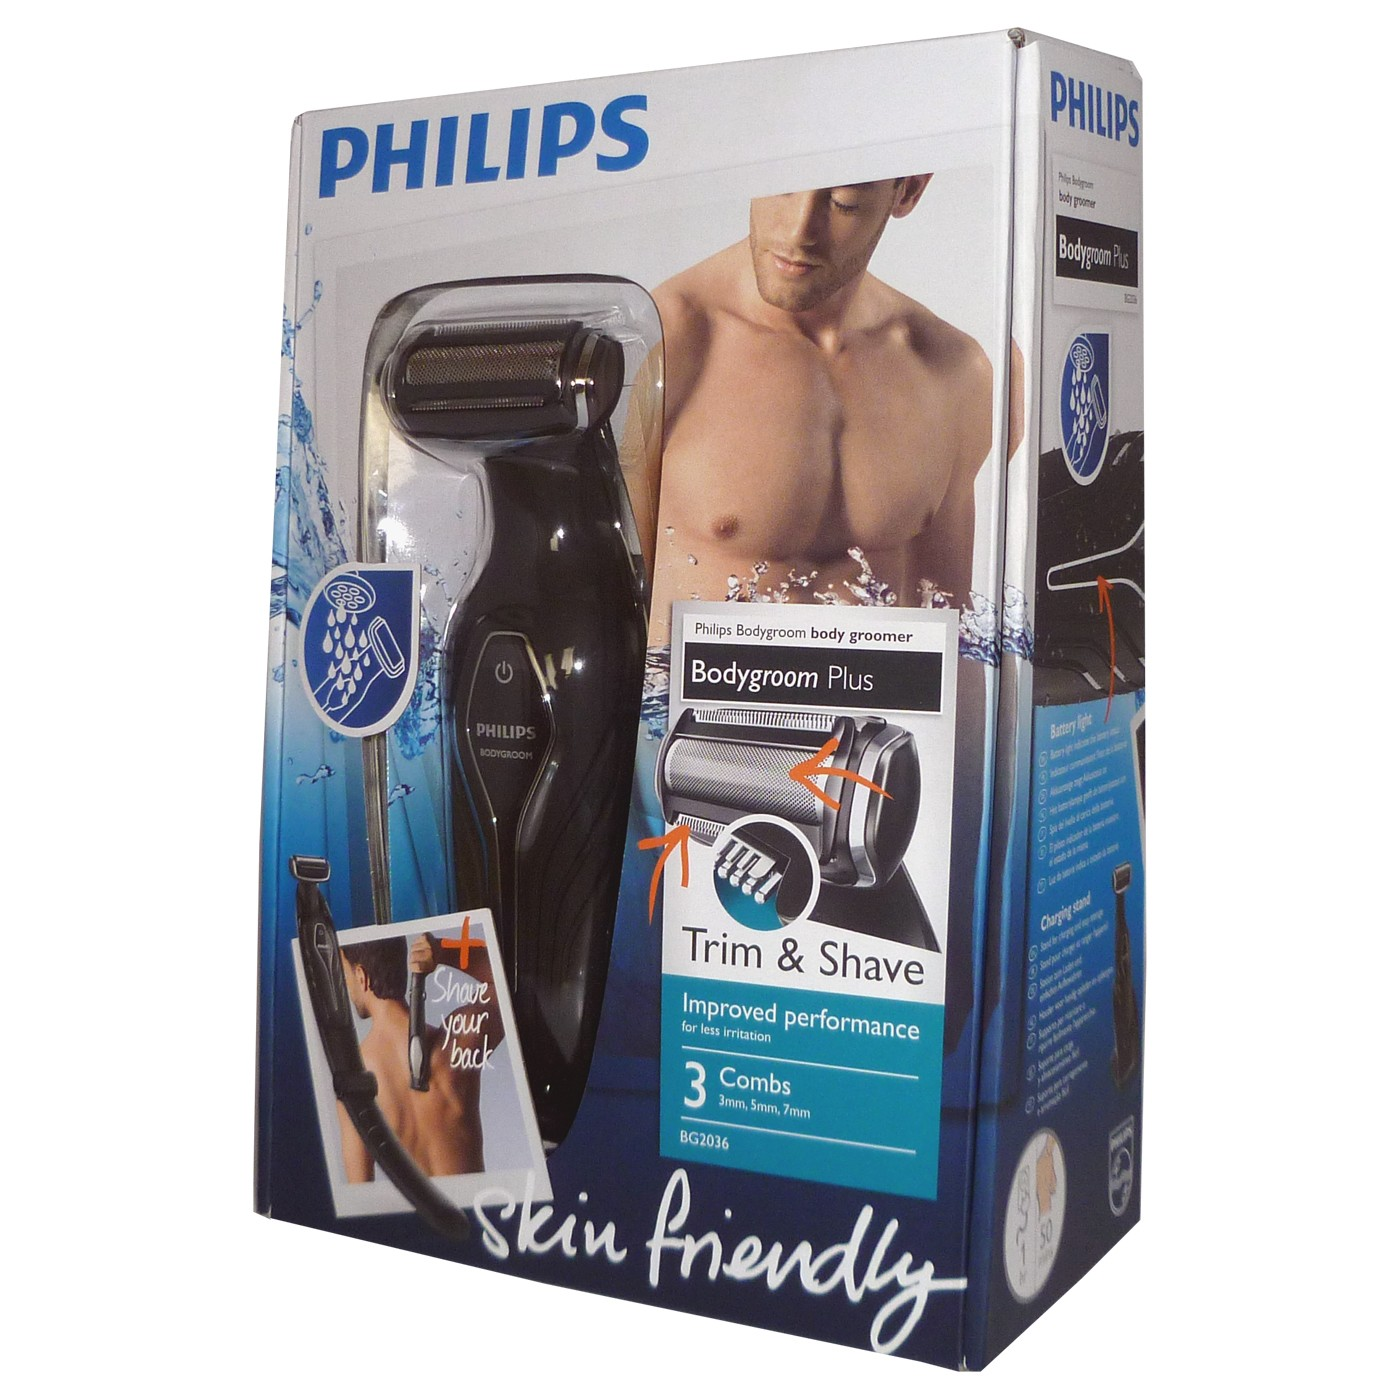 מגה וברק מכונת גילוח לגוף הגבר פיליפס PHILIPS | מכשיר להסרת שיער לגברים UB-15